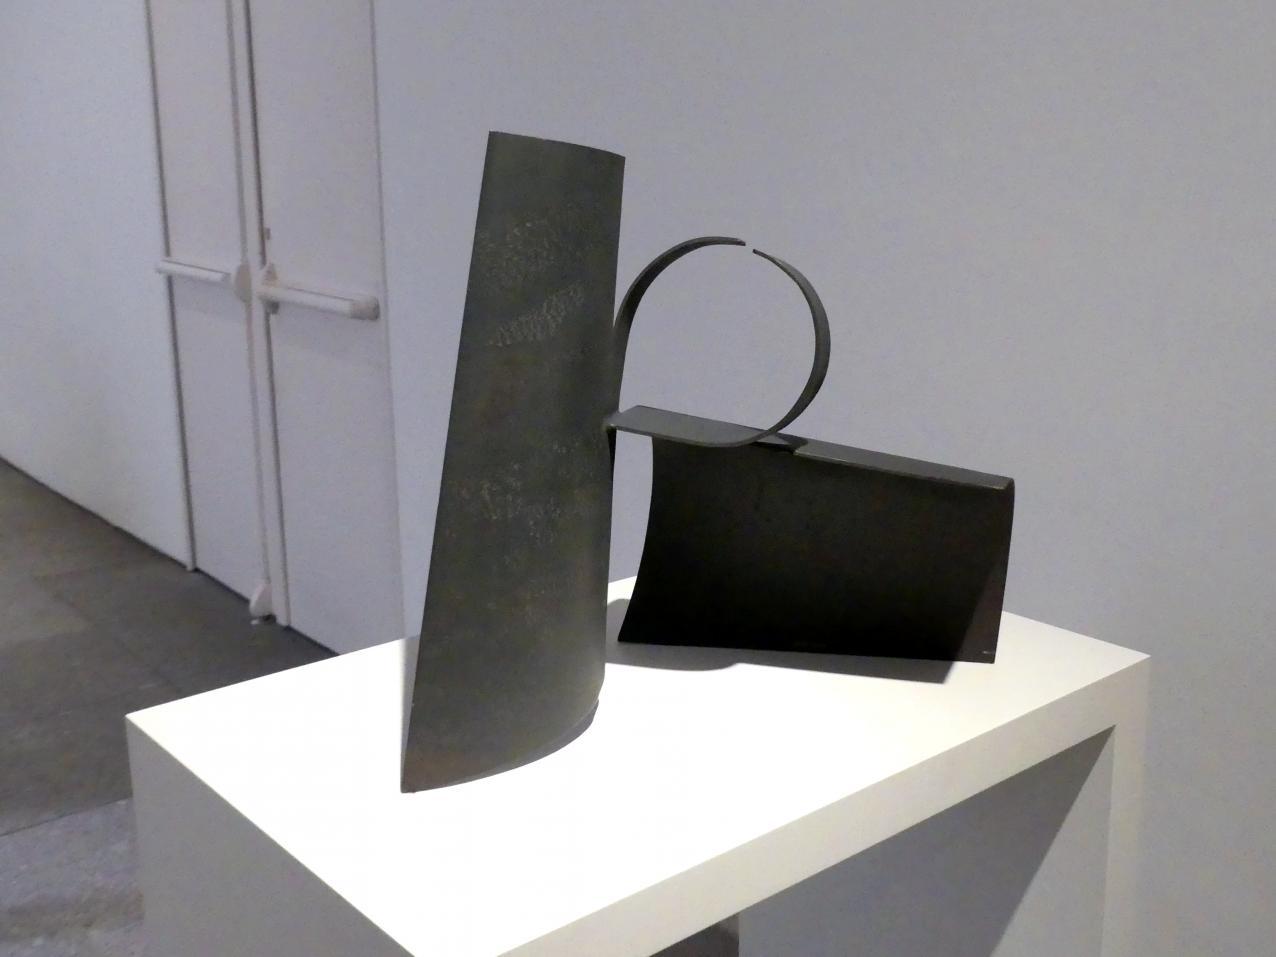 Jorge Oteiza: Öffnen oder Entriegeln des Zylinders, 1957